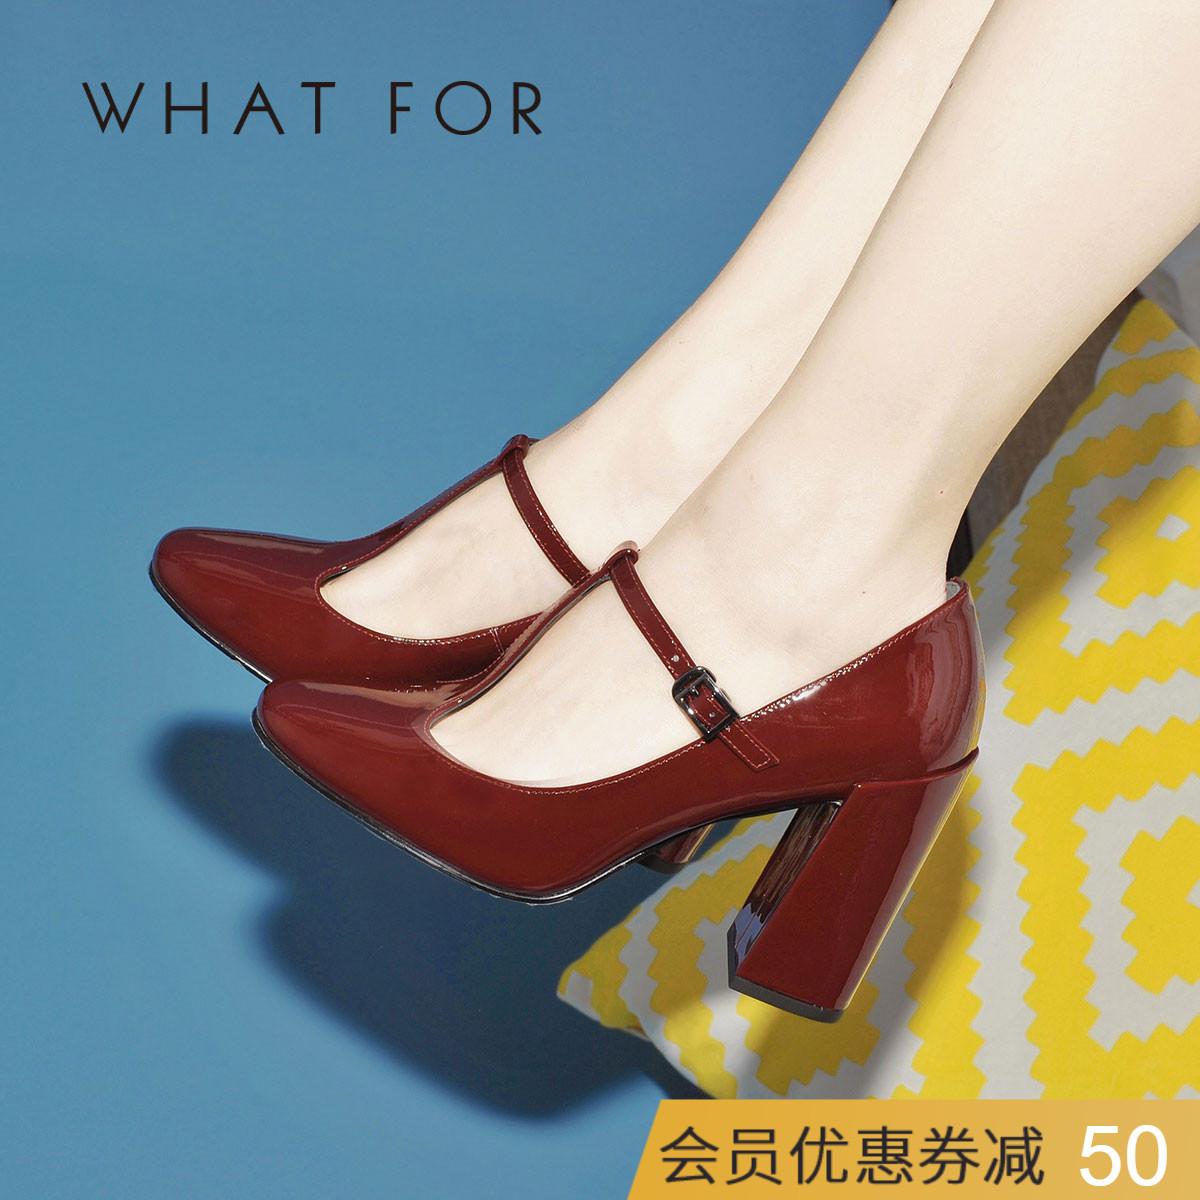 WHAT FOR夏季女士软漆皮复古简约百搭红色玛丽珍粗高跟鞋浅口单鞋